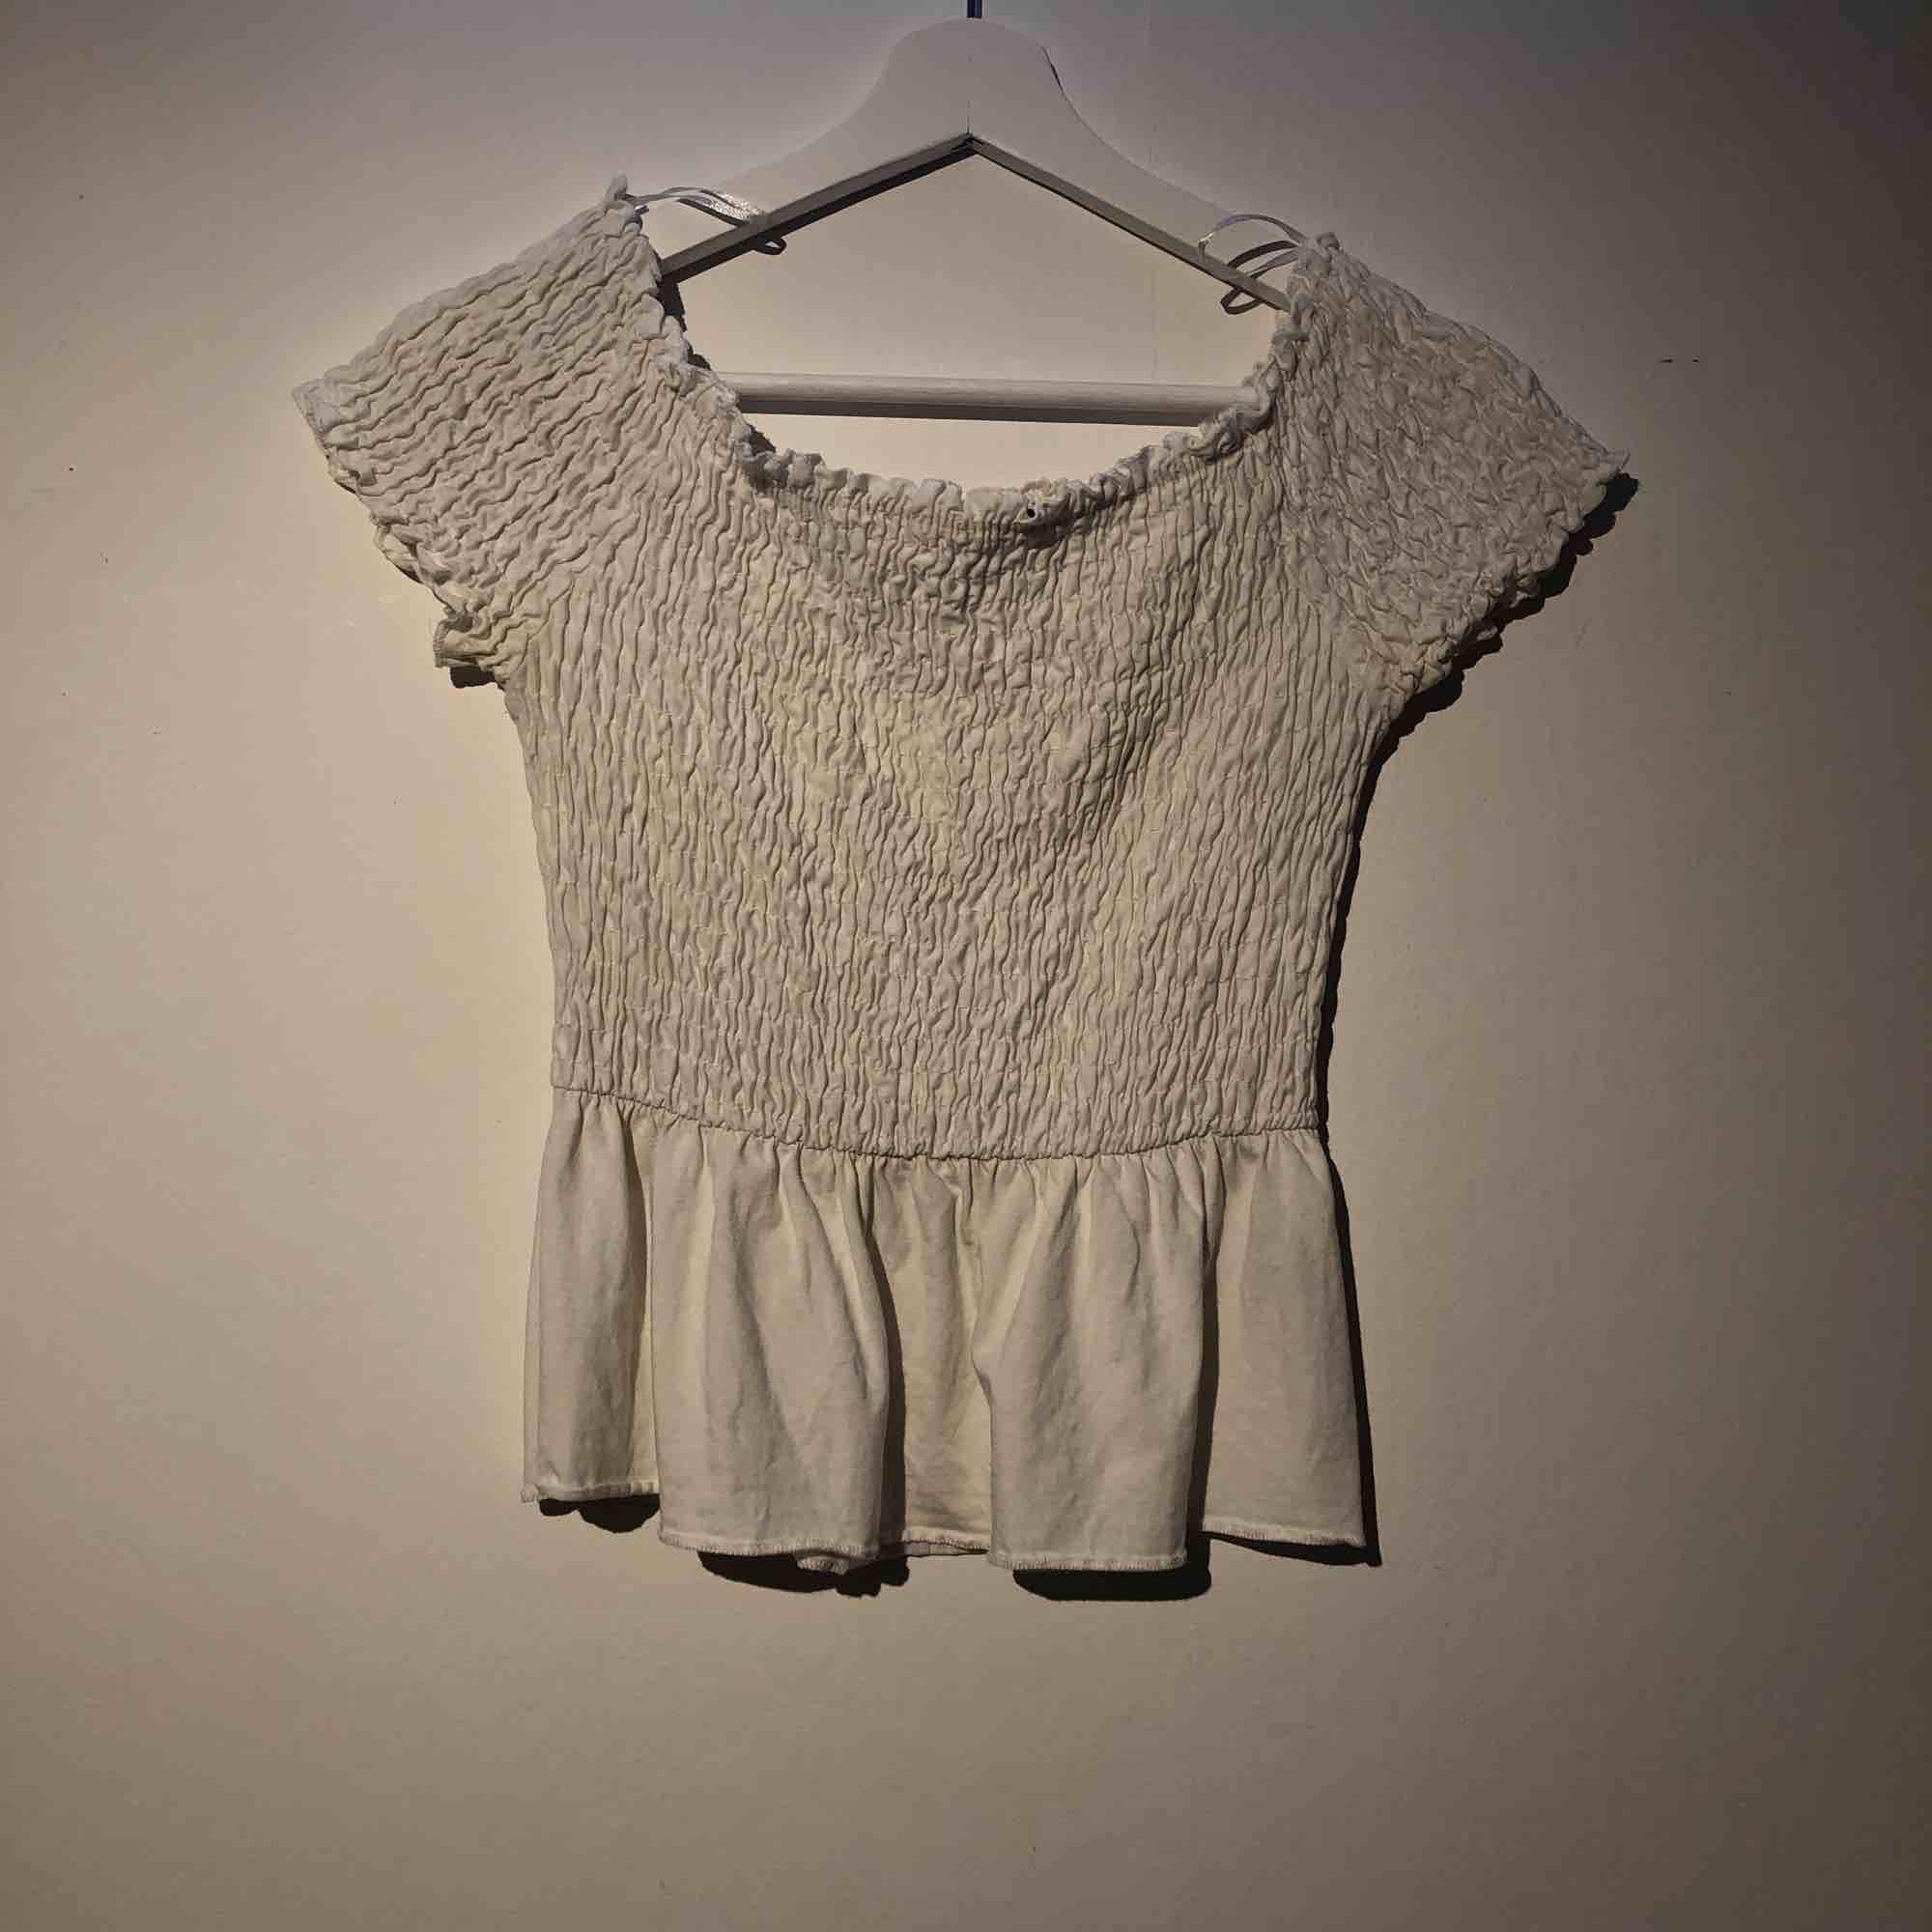 Jättesöt off shoulder topp från Gina tricot, skickar gärna mer bilder om så önskas och frakt tillkommer på 39kr💕🙌🏽. Kjolar.